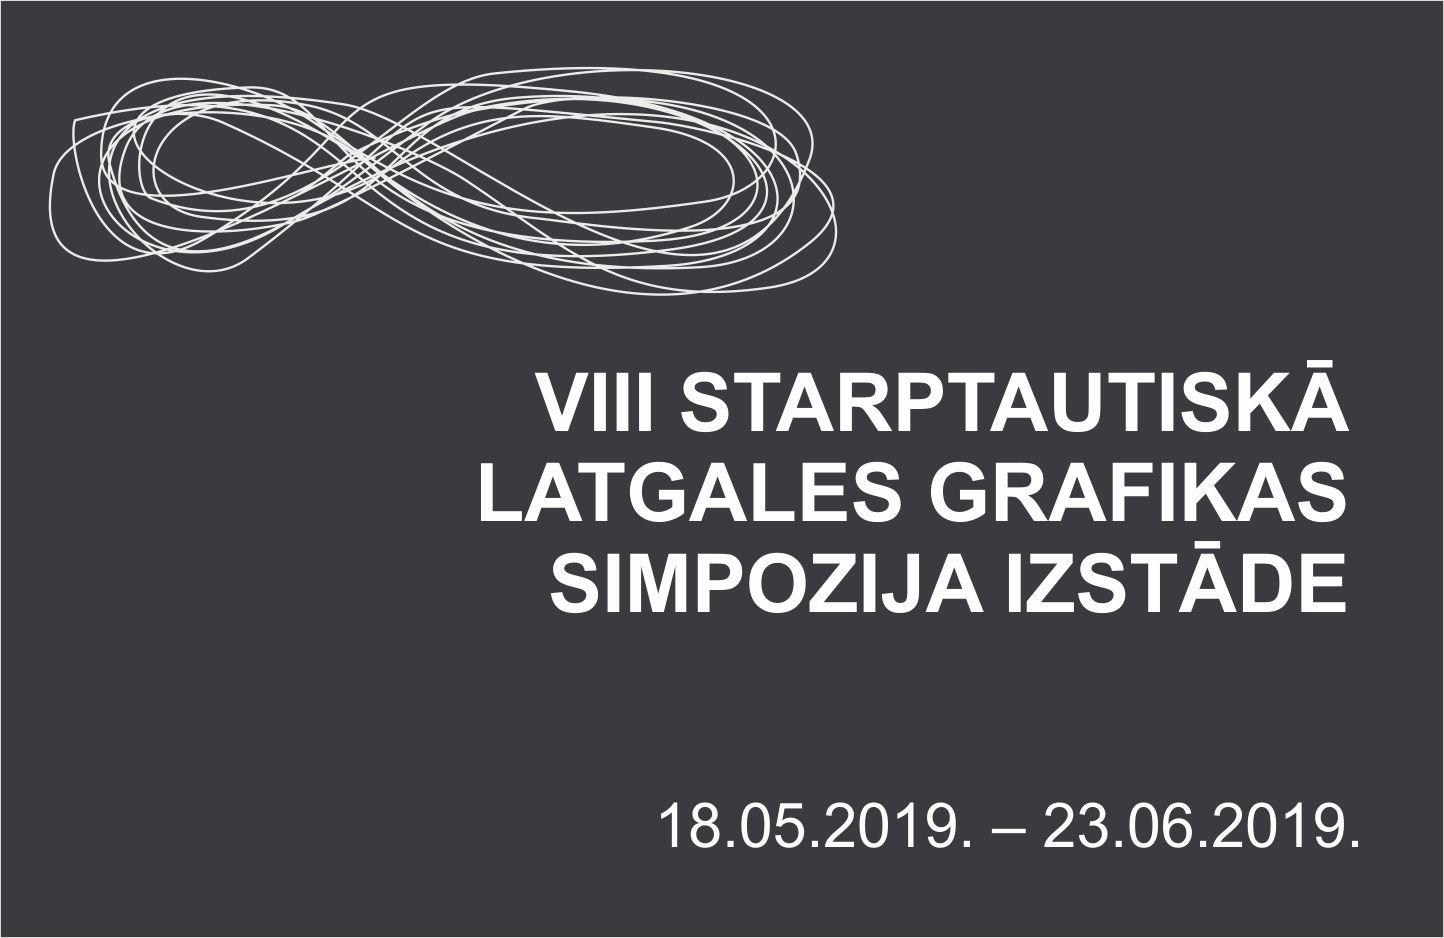 VIII STARPTAUTISKĀ LATGALES GRAFIKAS SIMPOZIJAS IZTĀDE